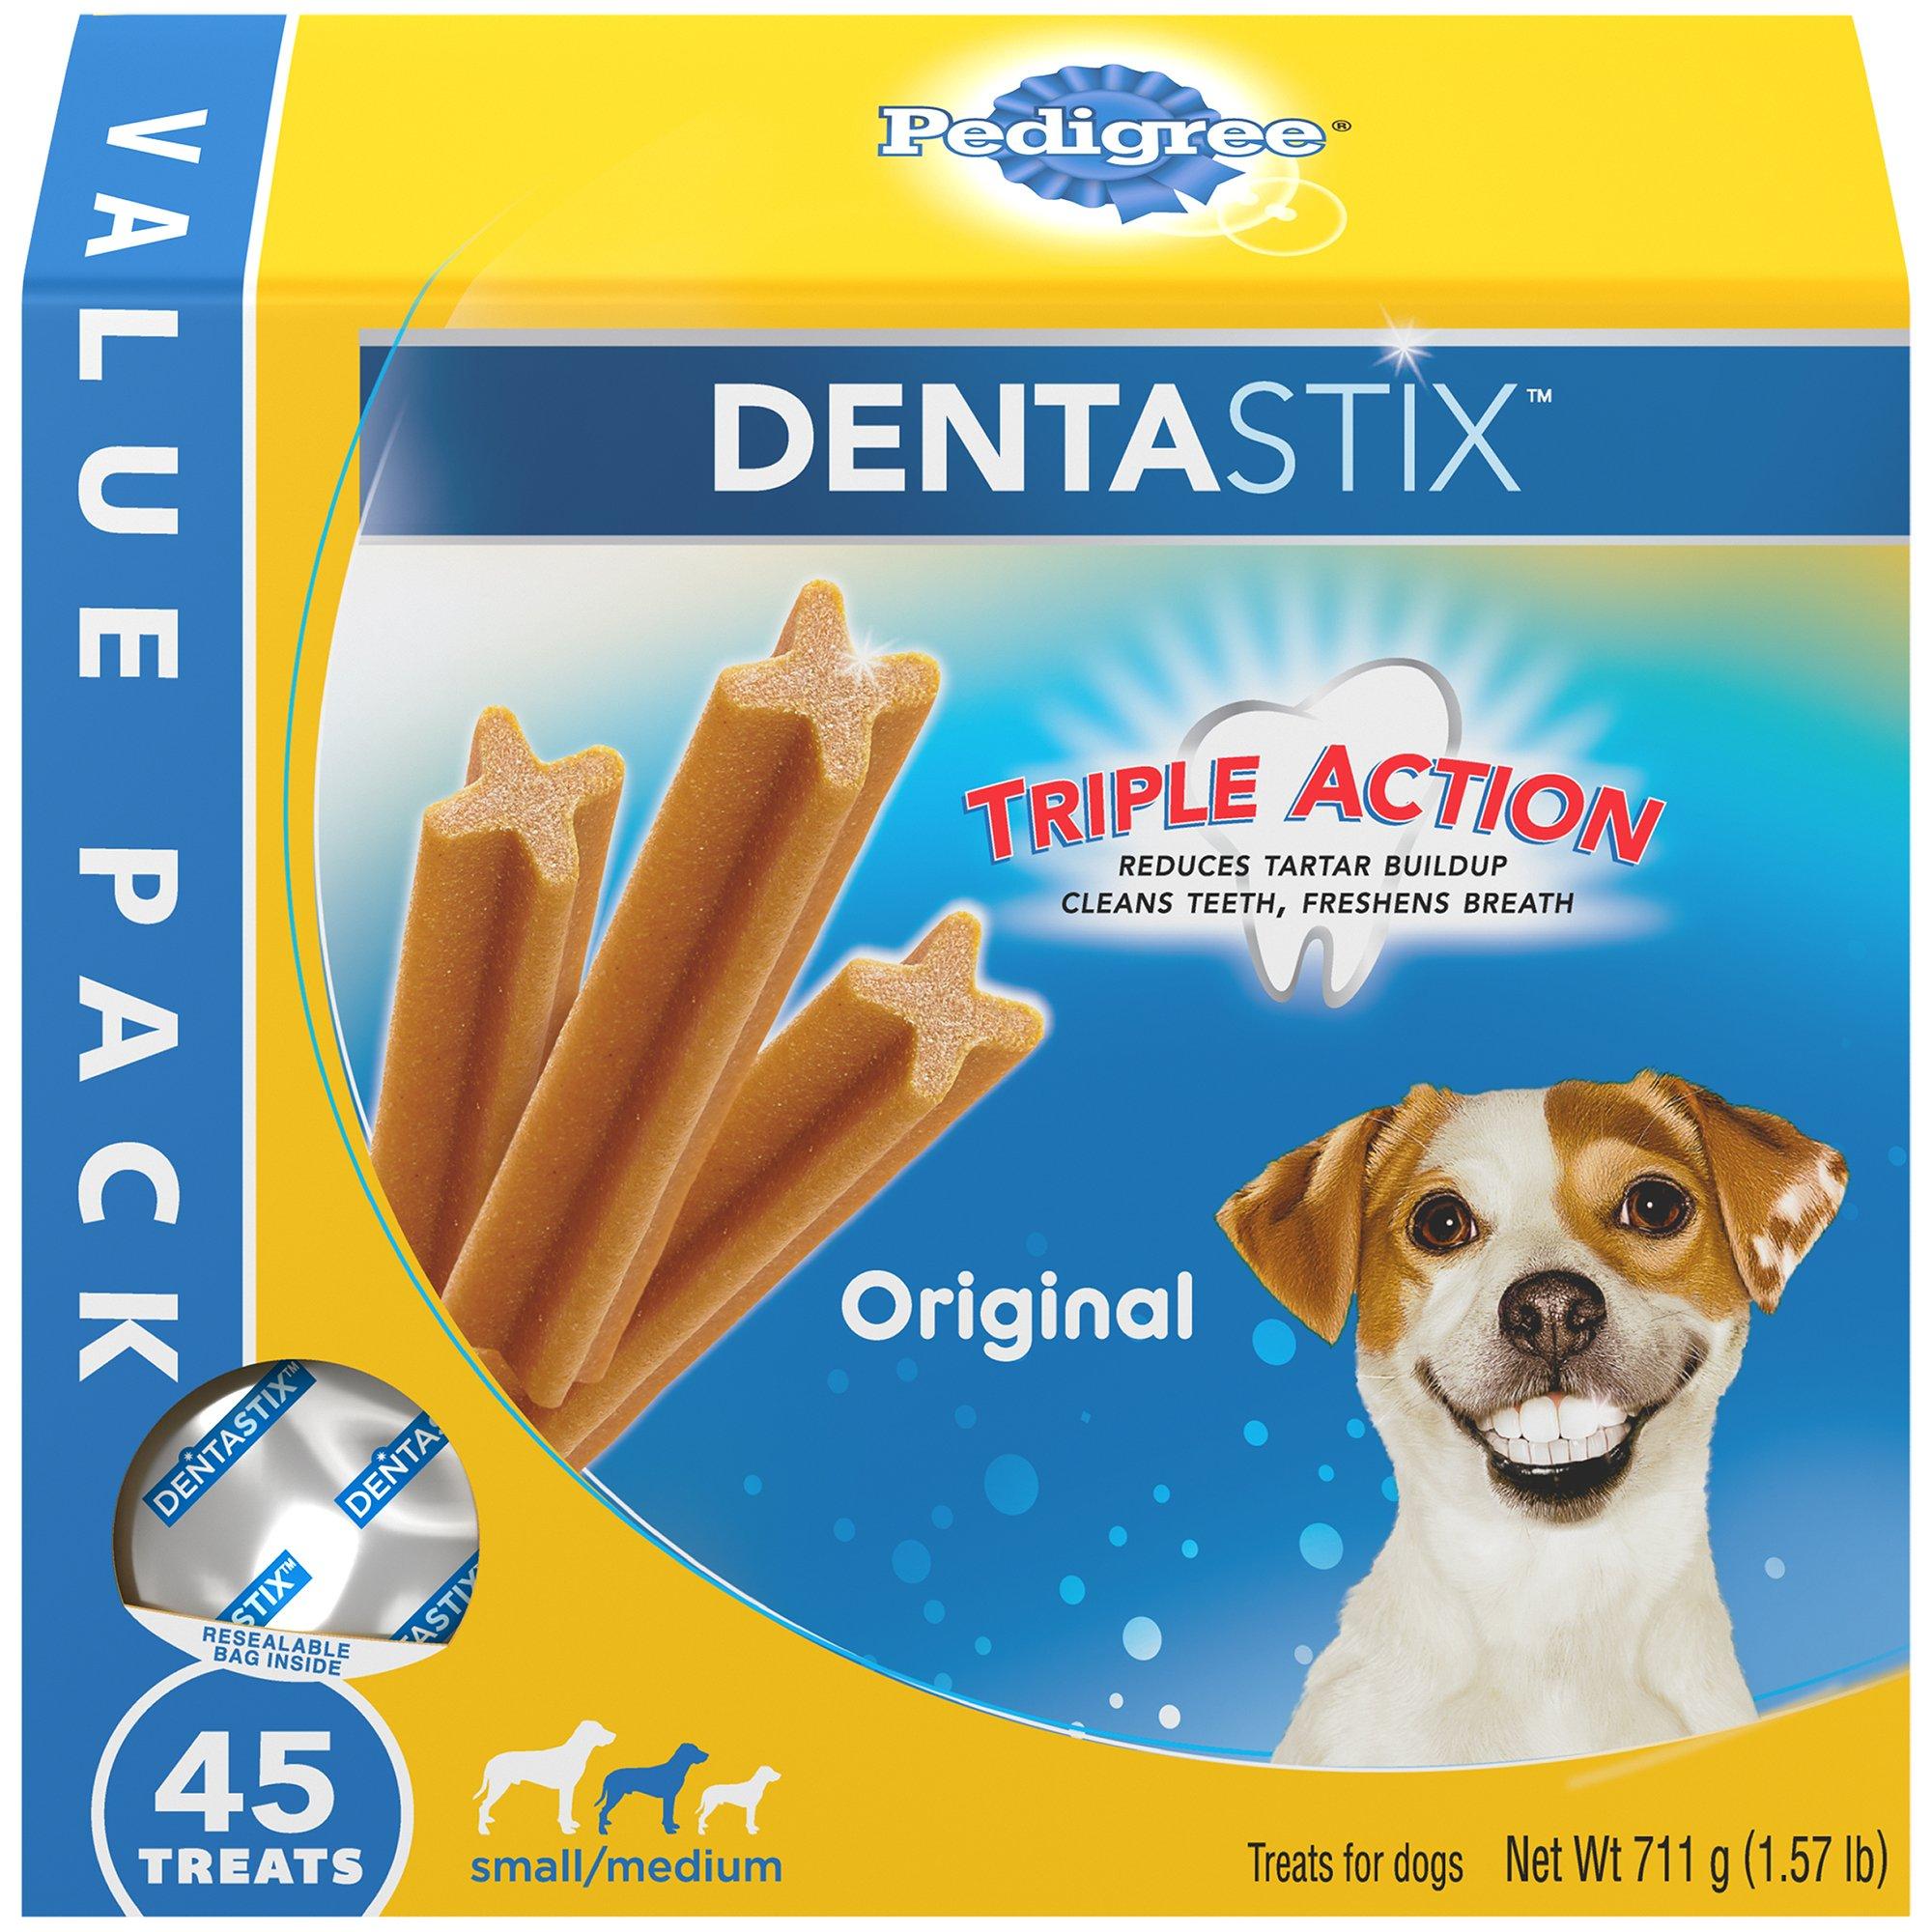 Pedigree DENTASTIX Small/Medium Dental Dog Treats Original, 1.57 lb. Value Pack (45 Treats) by Pedigree